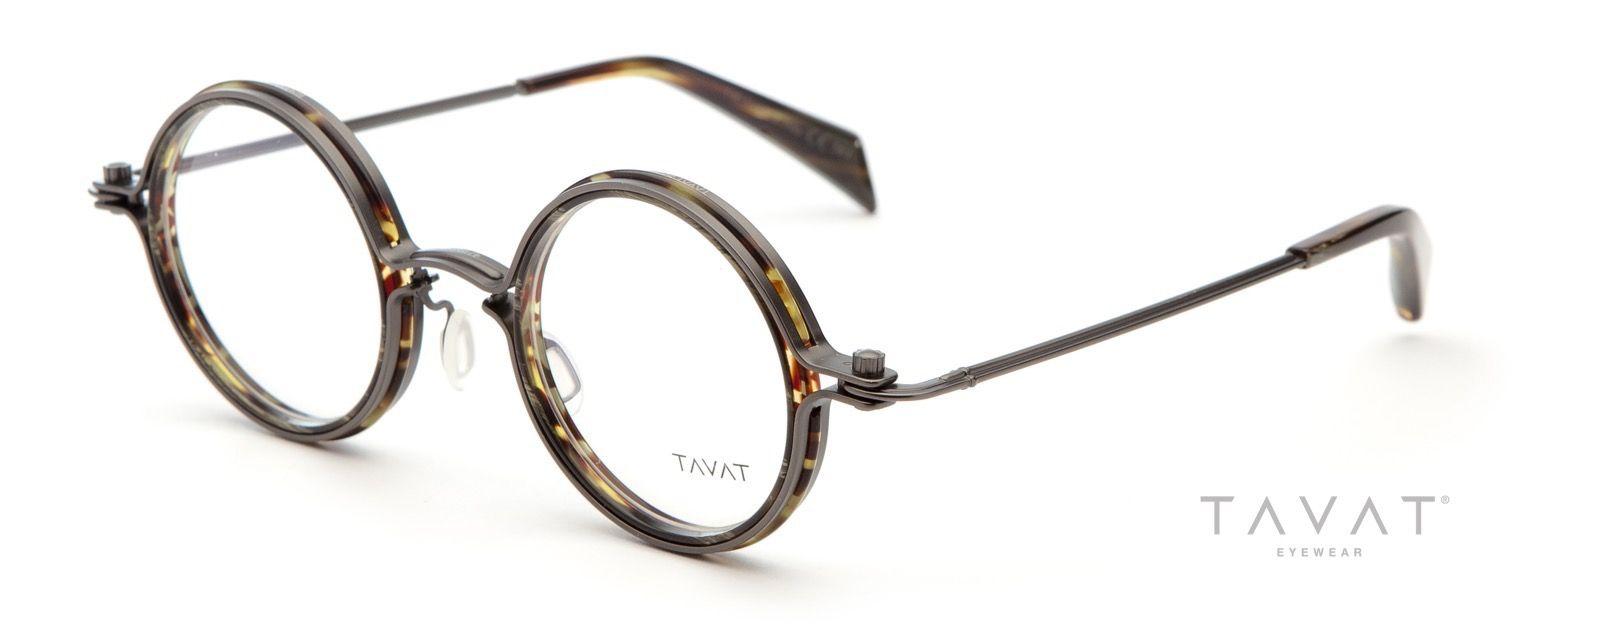 TAVAT EYEWEAR   Eyewear   Pinterest   Eyewear and Sunglasses c94deb6506